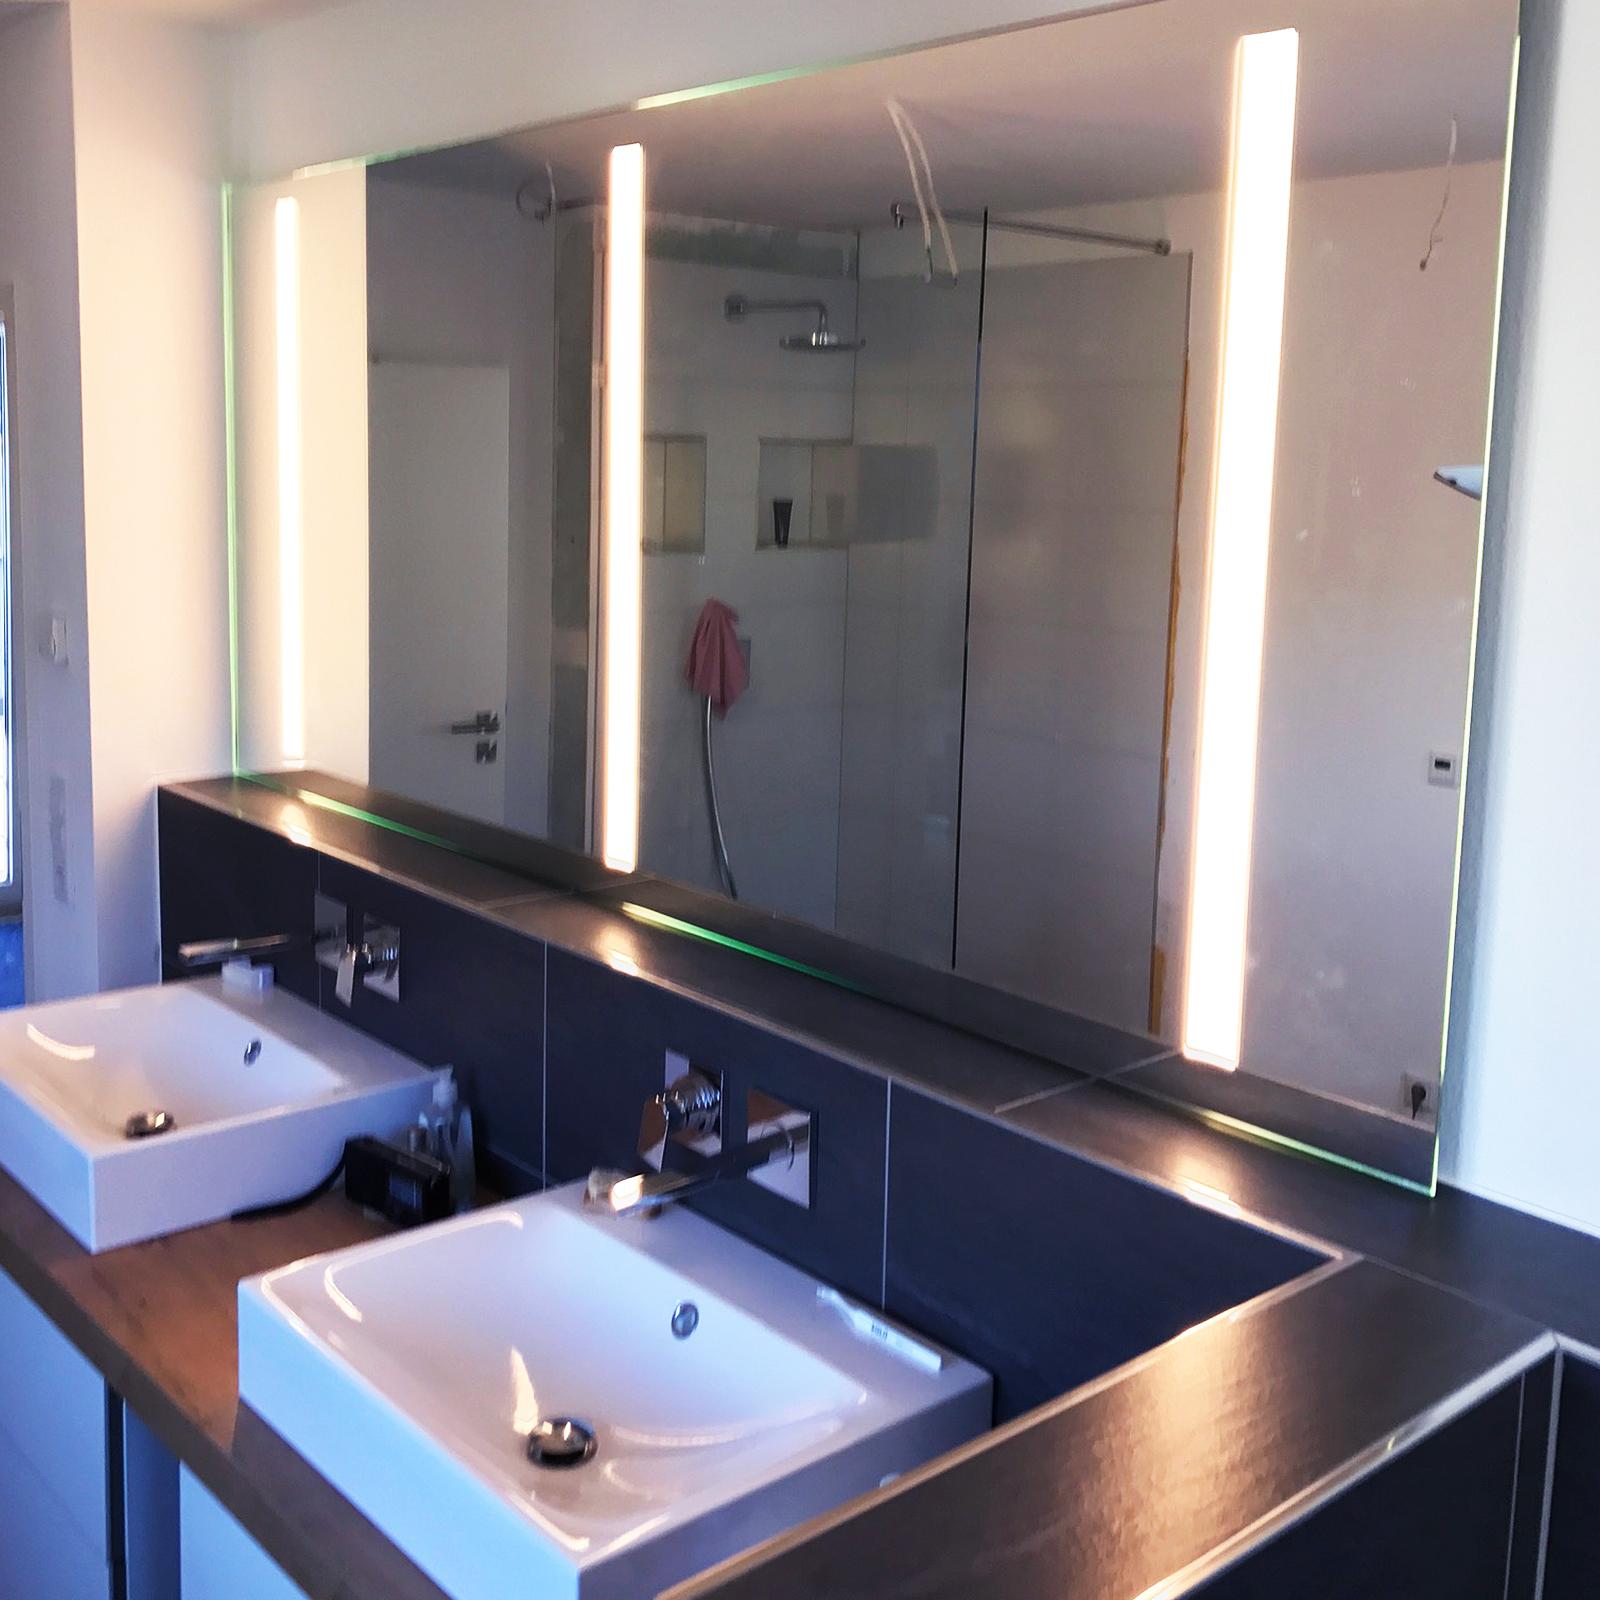 Spiegel mit rückseitiger Beleuchtung